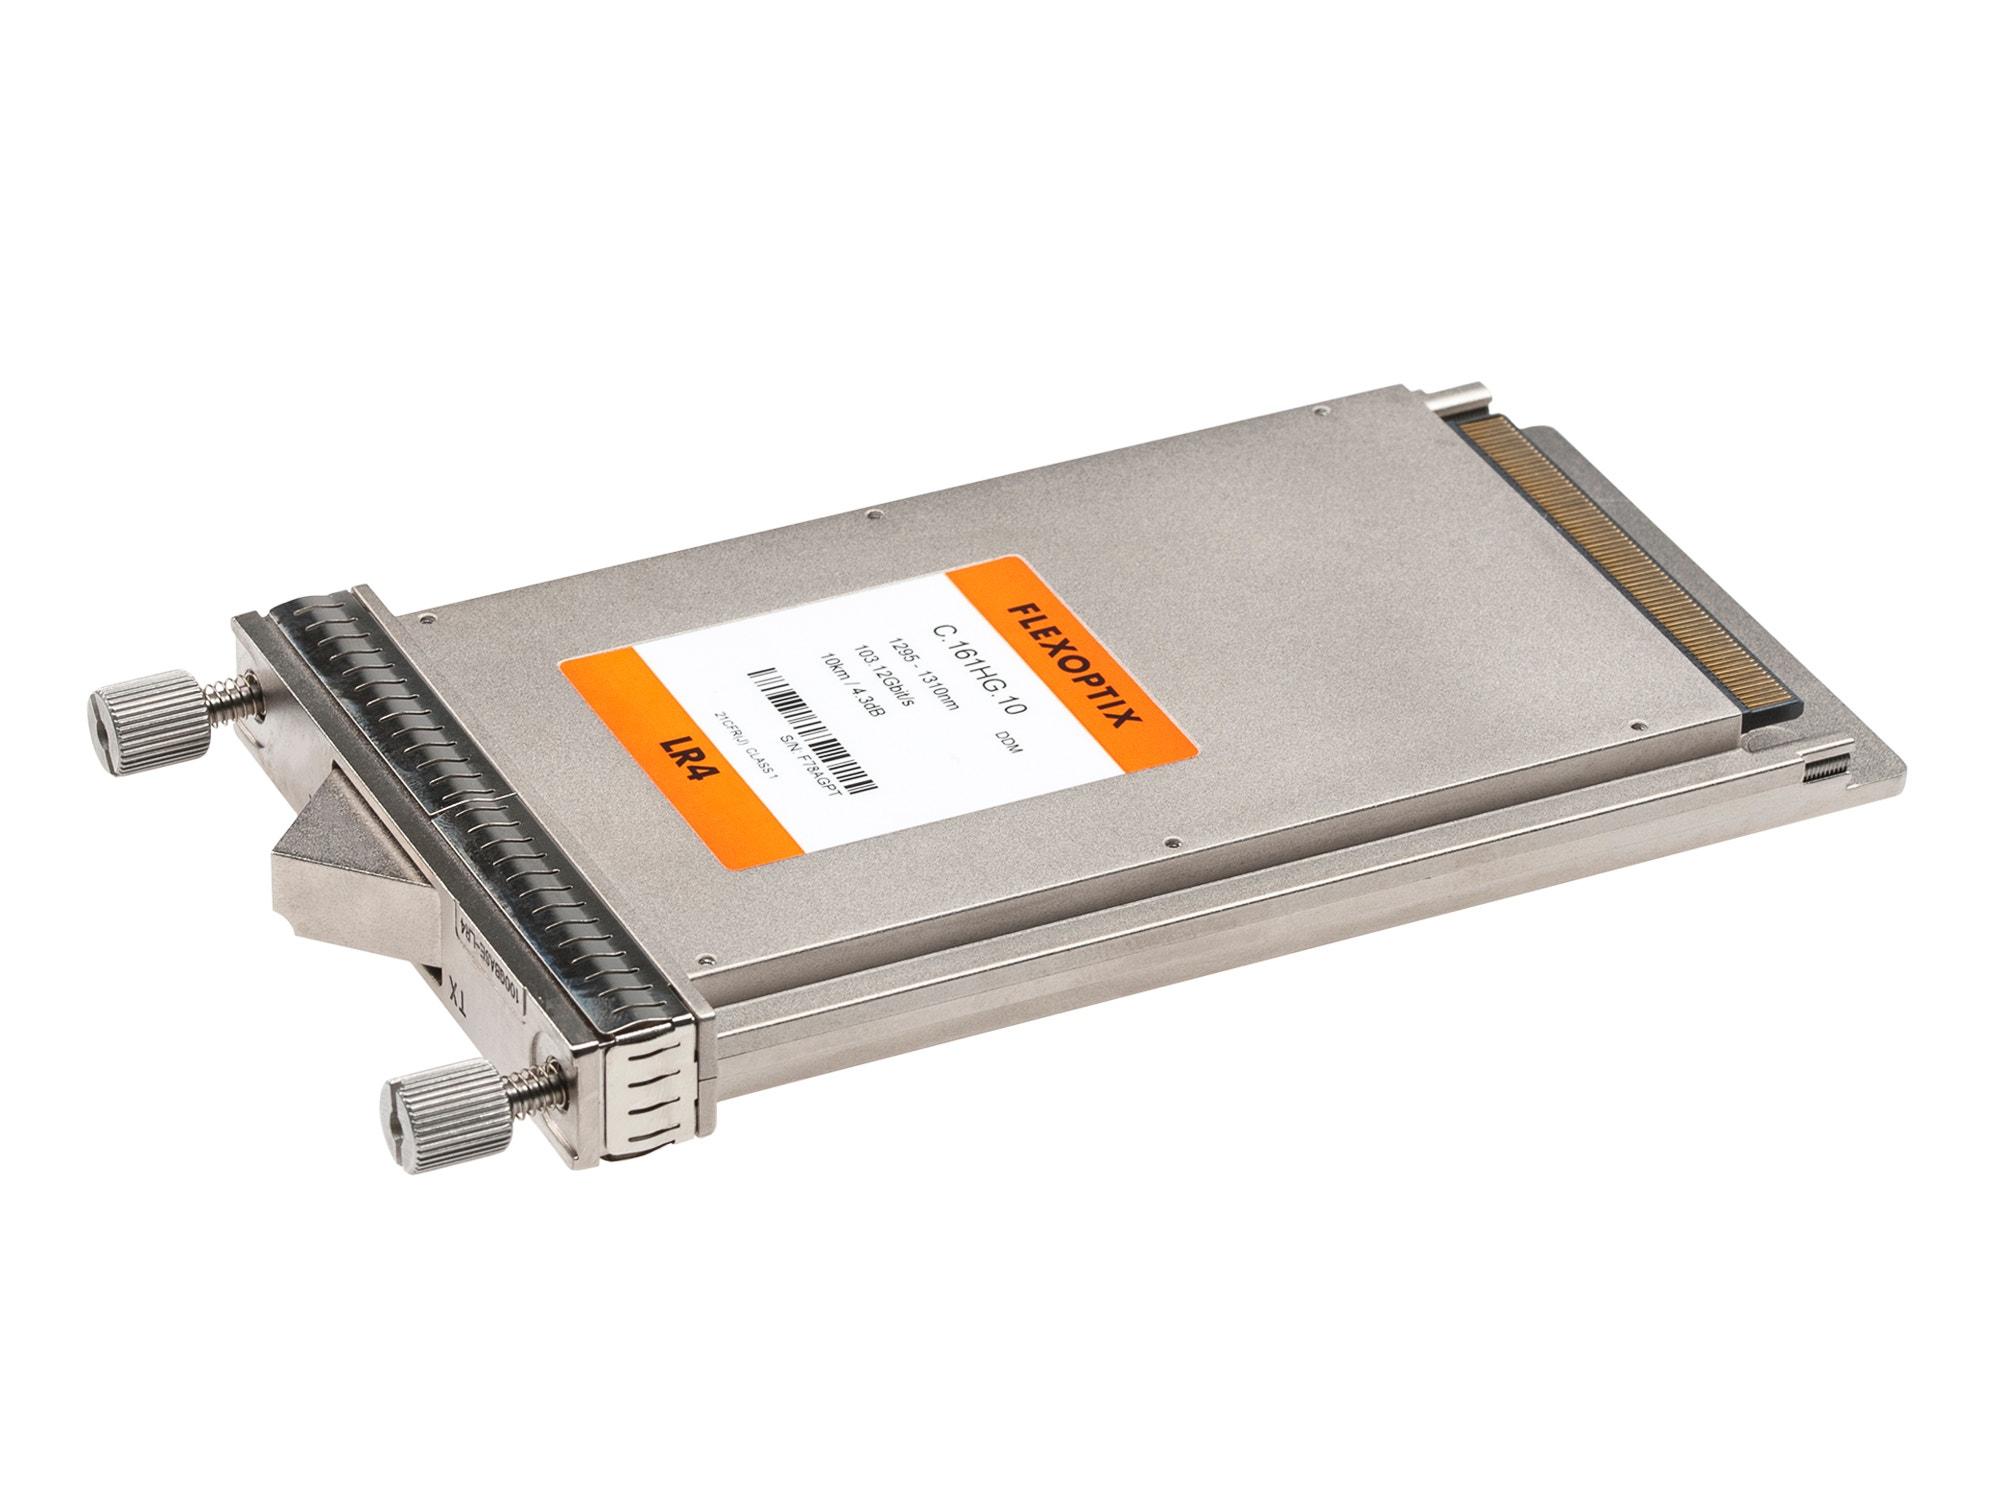 100 Gigabit OTU4 ER4 CFP Transceiver | 40km SMF 1295, 1300, 1305